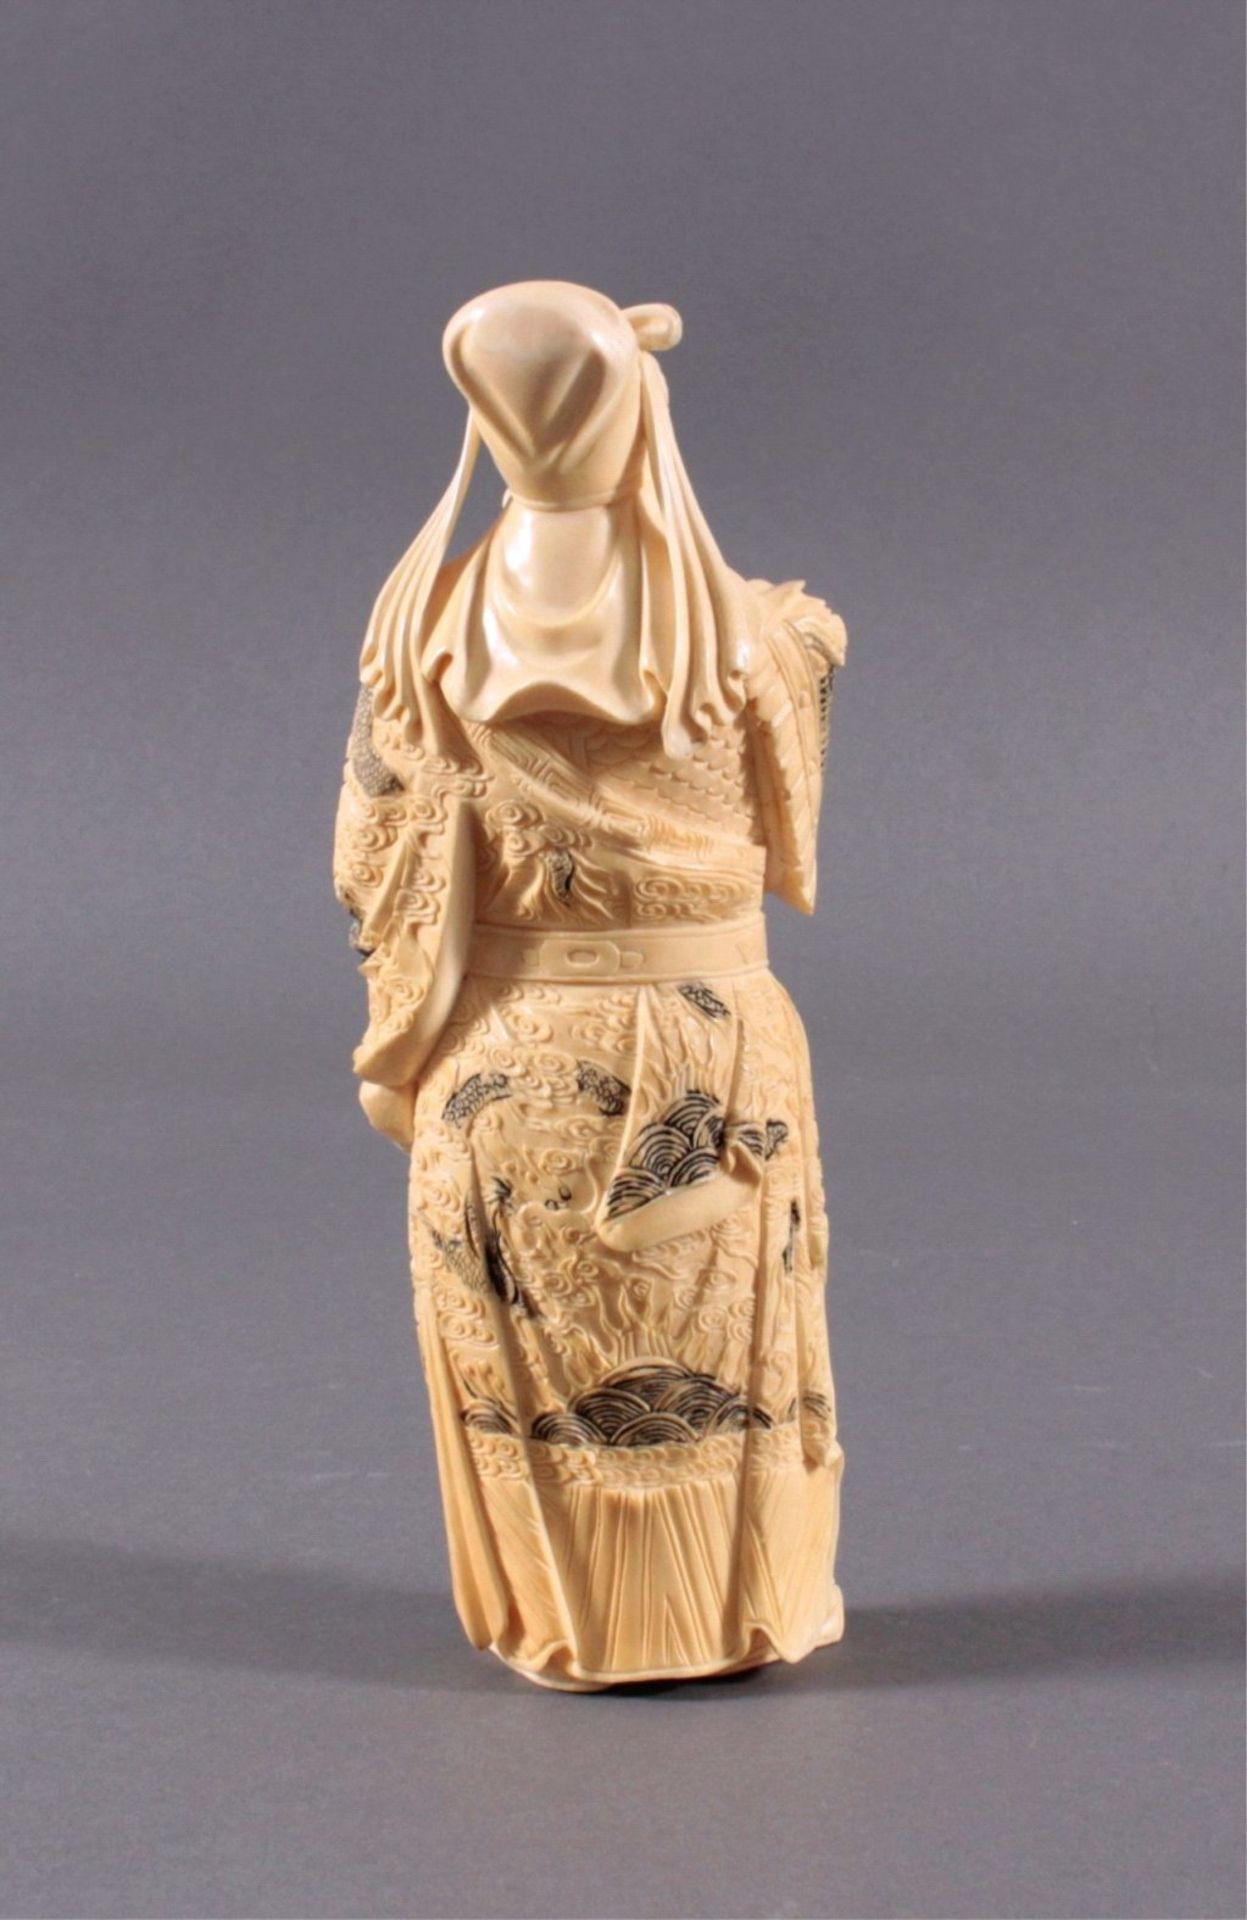 Elfenbeinfigur, 19./20. Jh.Guandi, vollplastisch geschnitzt, schwarz eingefärbt. Seinelinke Hand - Bild 3 aus 6